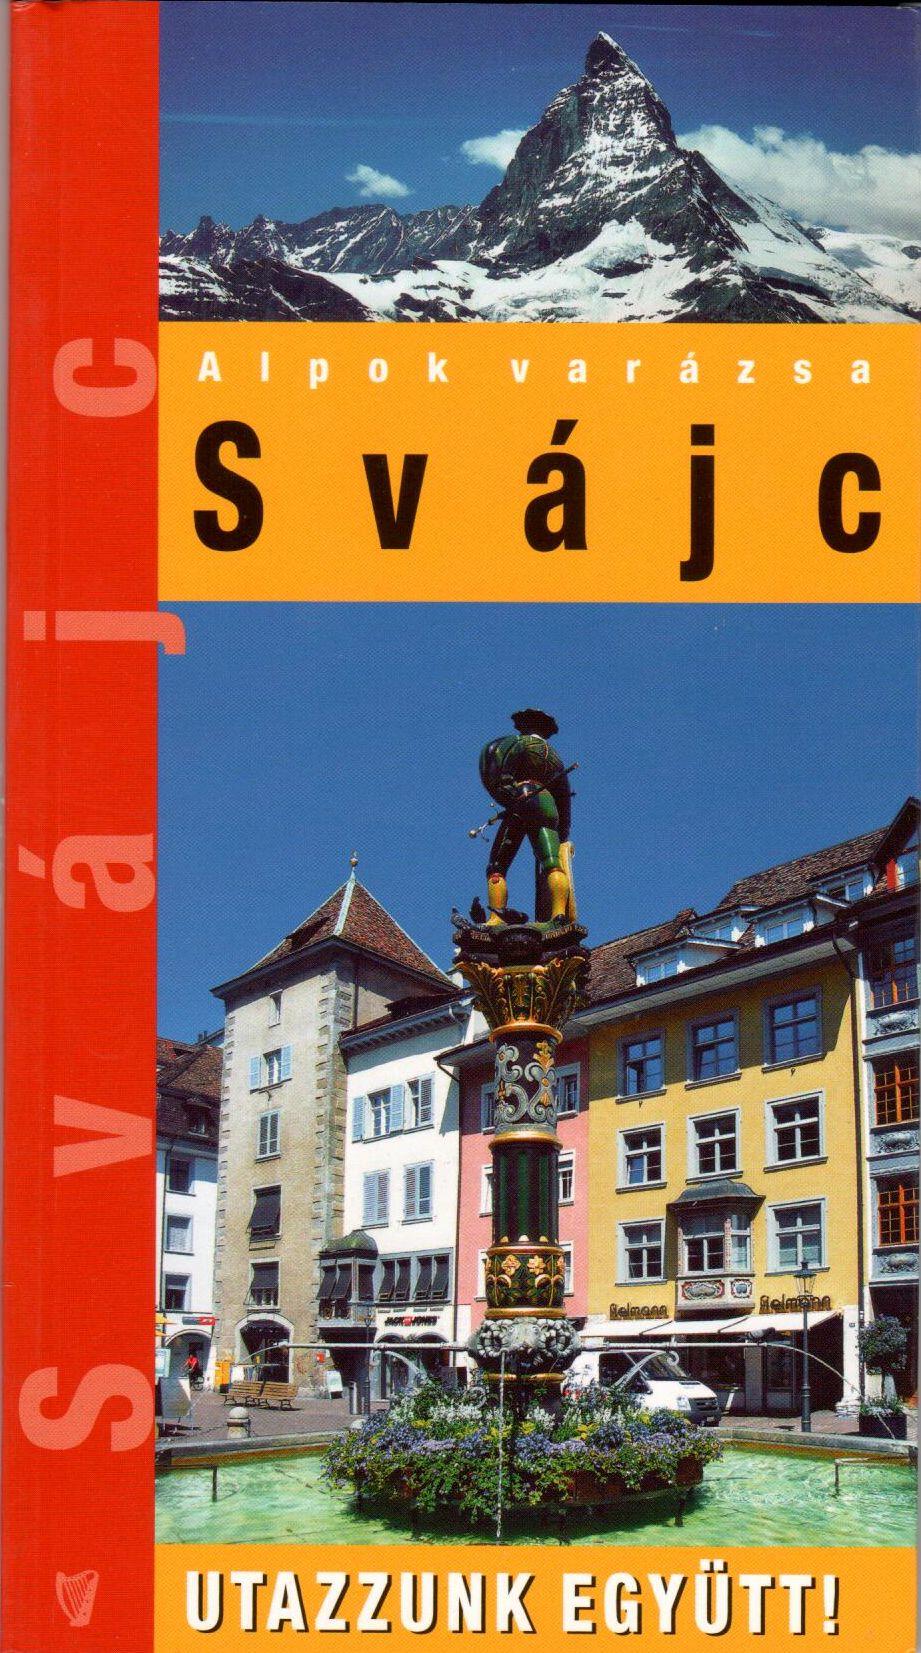 Svájc zsebméretű útikönyv 10 térképel, 150 fényképpel (2013)